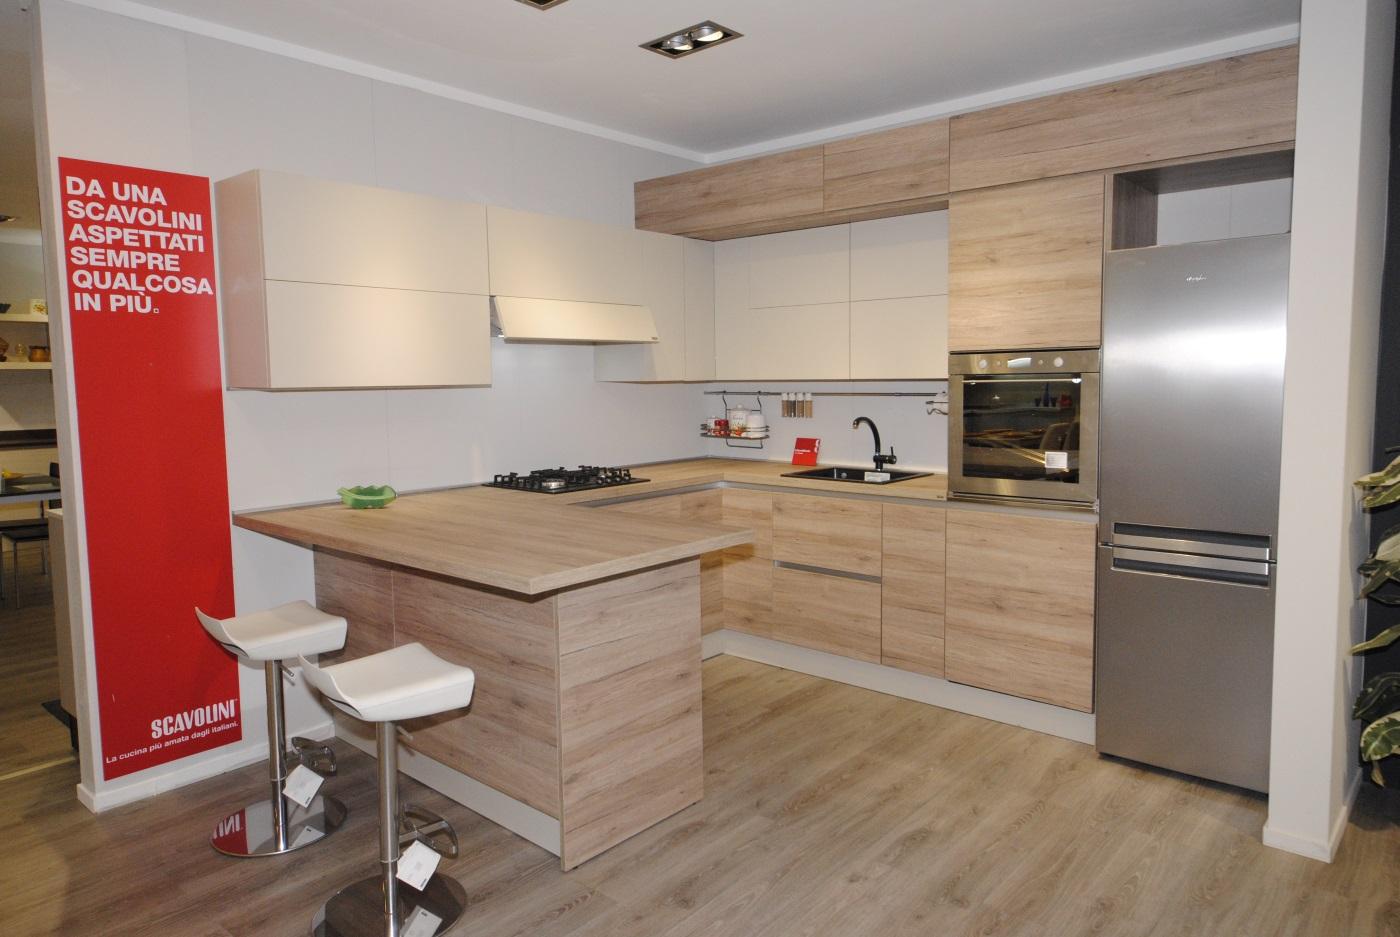 Offerta Cucina Scavolini modello Liberamente Decorativo - San ...